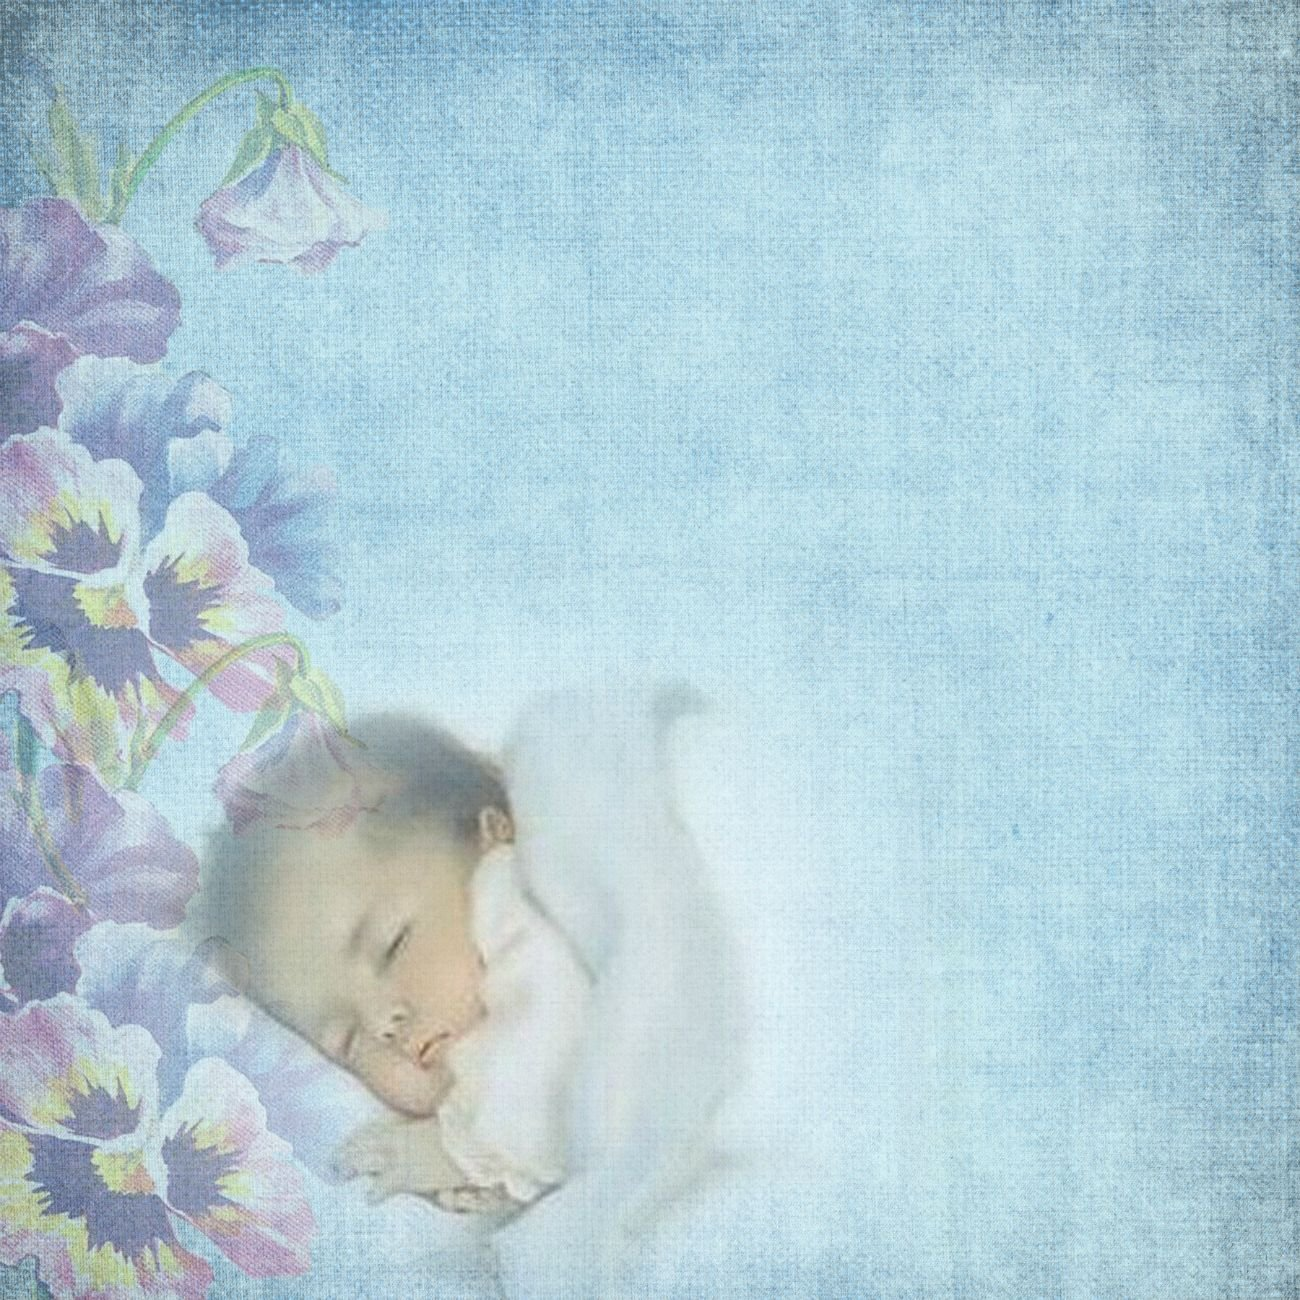 Красивые картинки для детского фото альбома